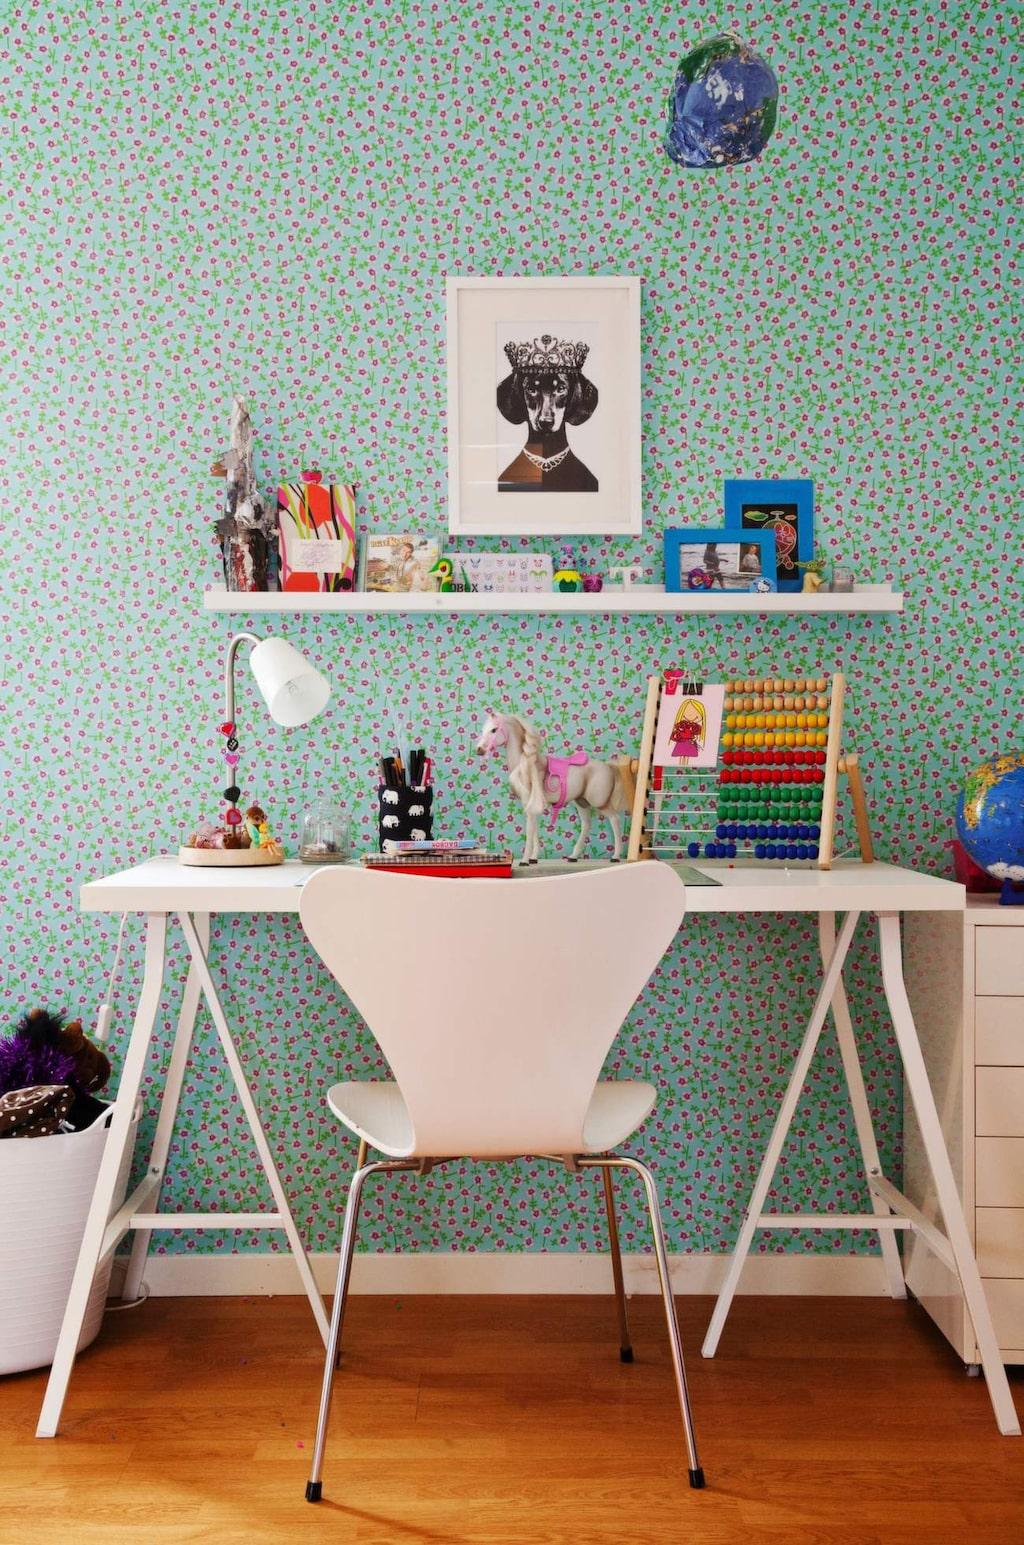 """<p>Glada prickar. Tapeten från Designers Guild, """"Prim Rose"""". Bockar, skiva och hurts från Ikea. Stolen är en gammal Sjuan. På väggen sitter bland annat en illustration från Lisa Bengtsson, taxen """"Ulrika Eleonora"""".</p>"""